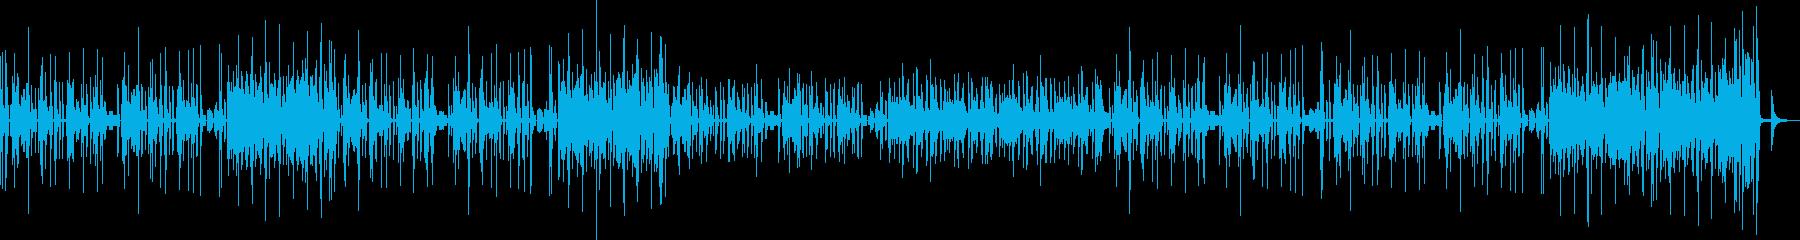 日常メリーゴーランドの再生済みの波形